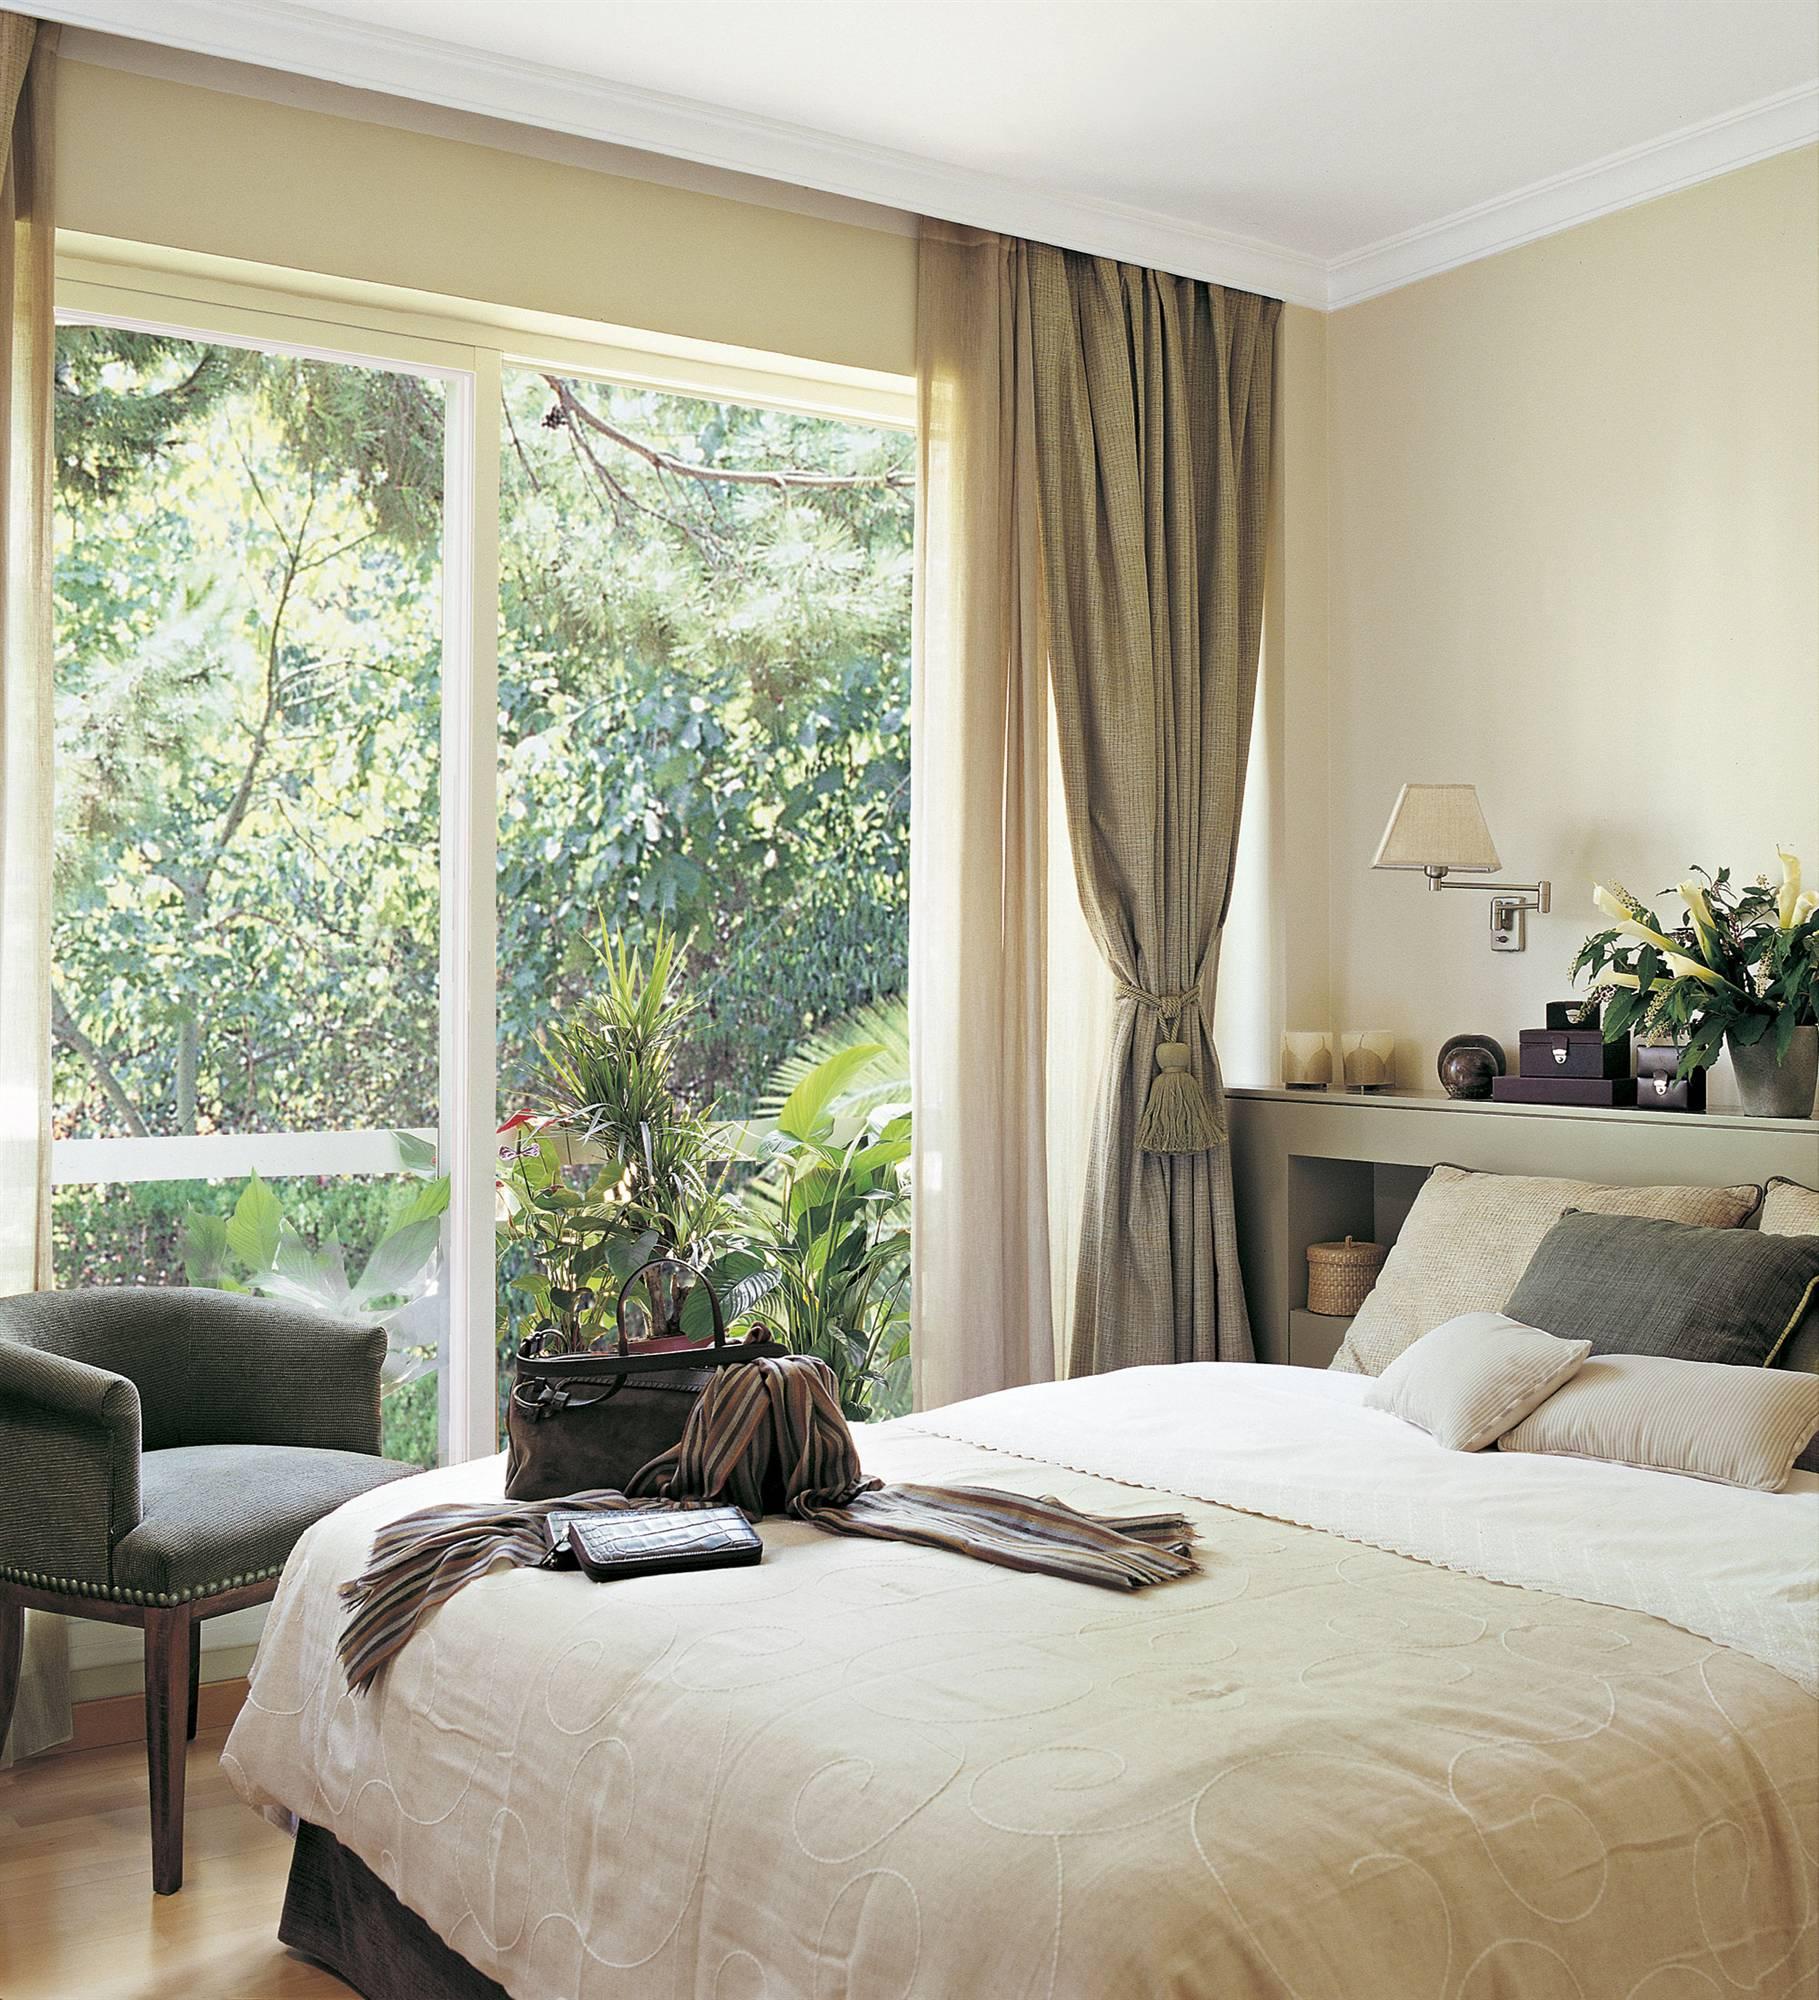 Dise o de dormitorios con grandes ventanales decoracion - Cortinas negras decoracion ...